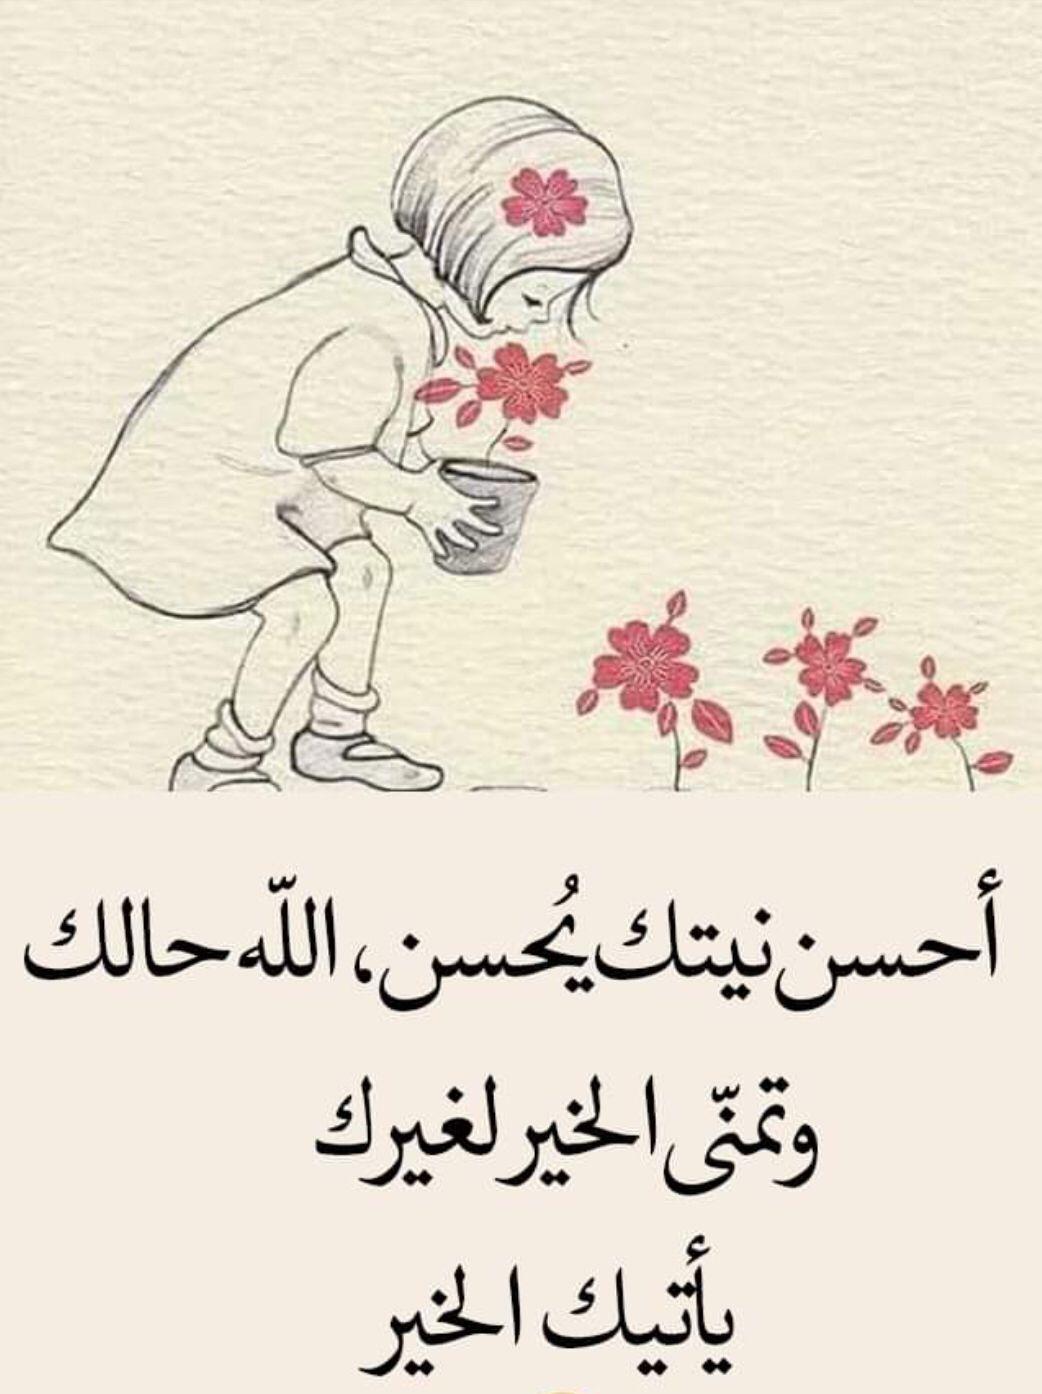 خواطر اسلامية بالصور Arabic Quotes Lovely Quote Arabic English Quotes